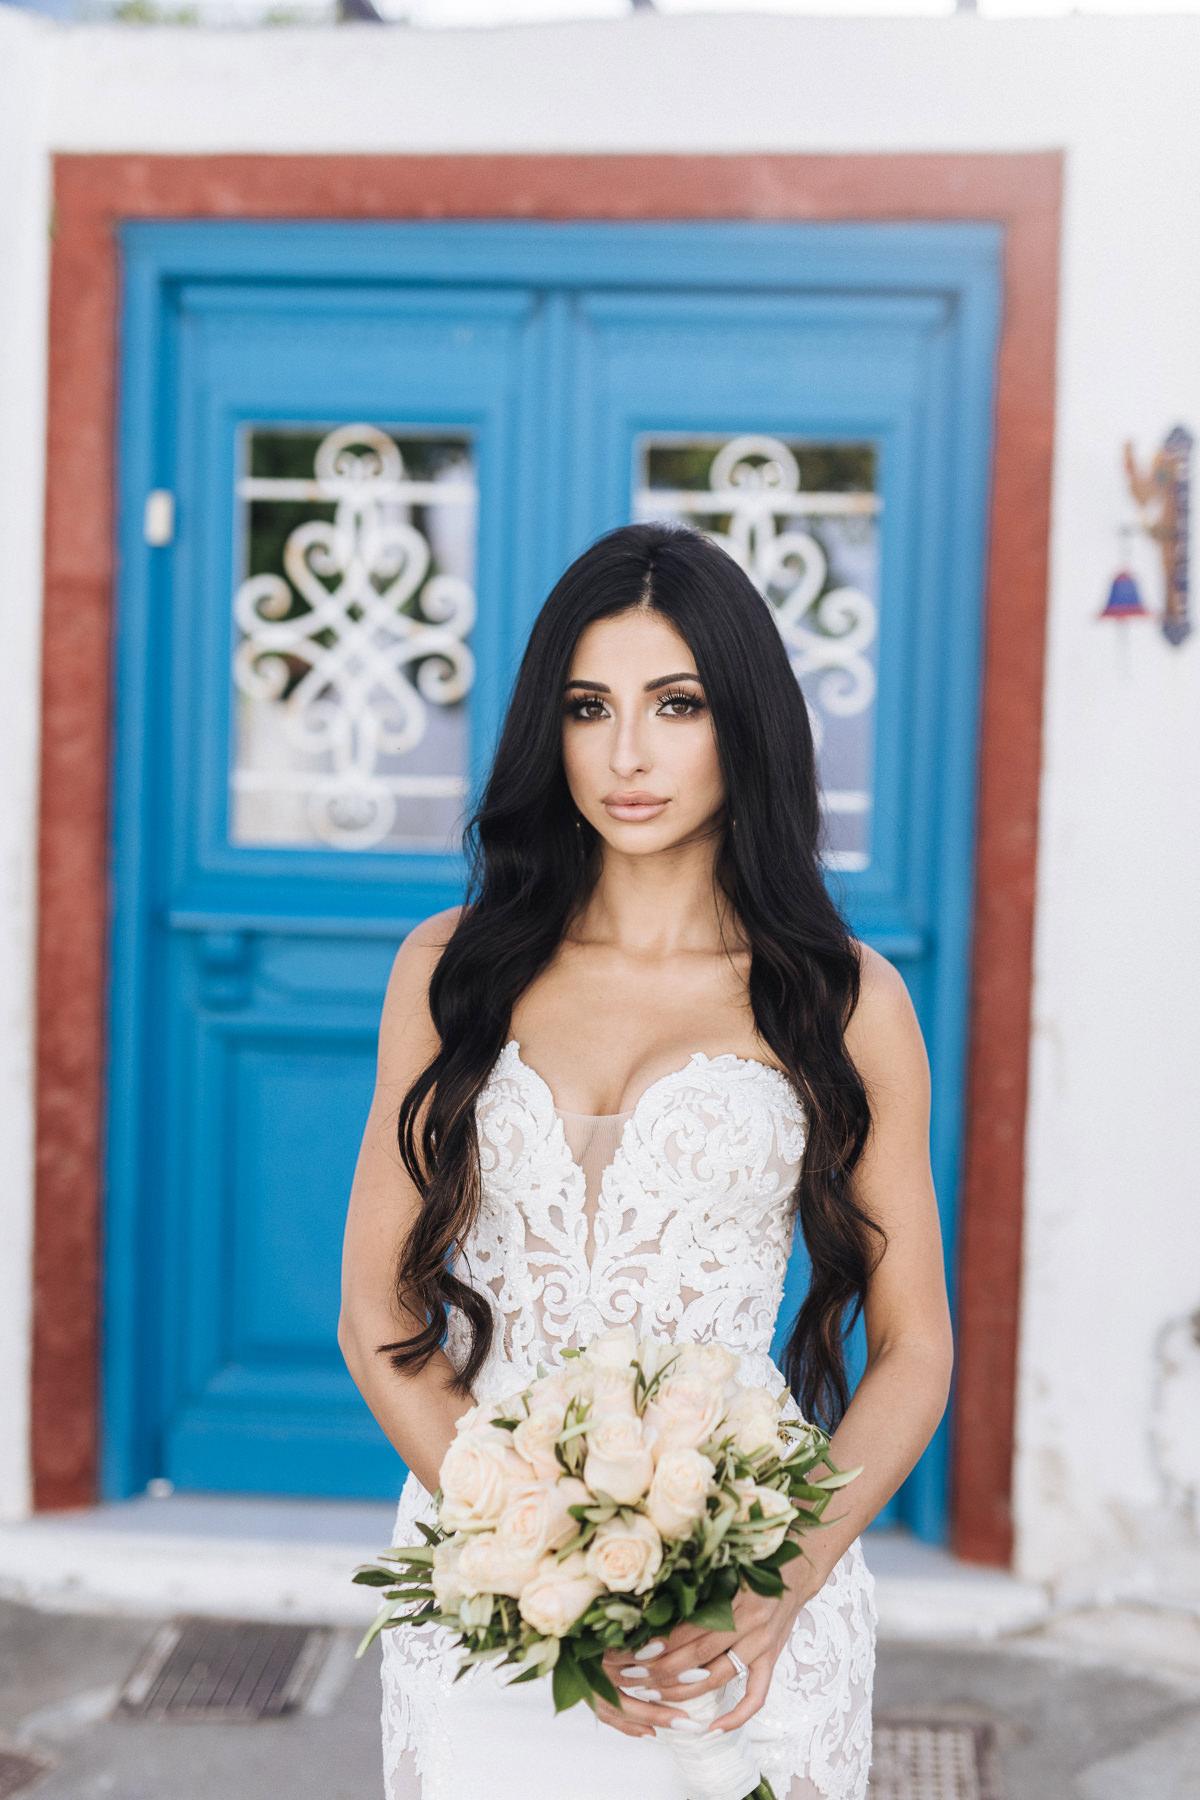 santorini bride photos